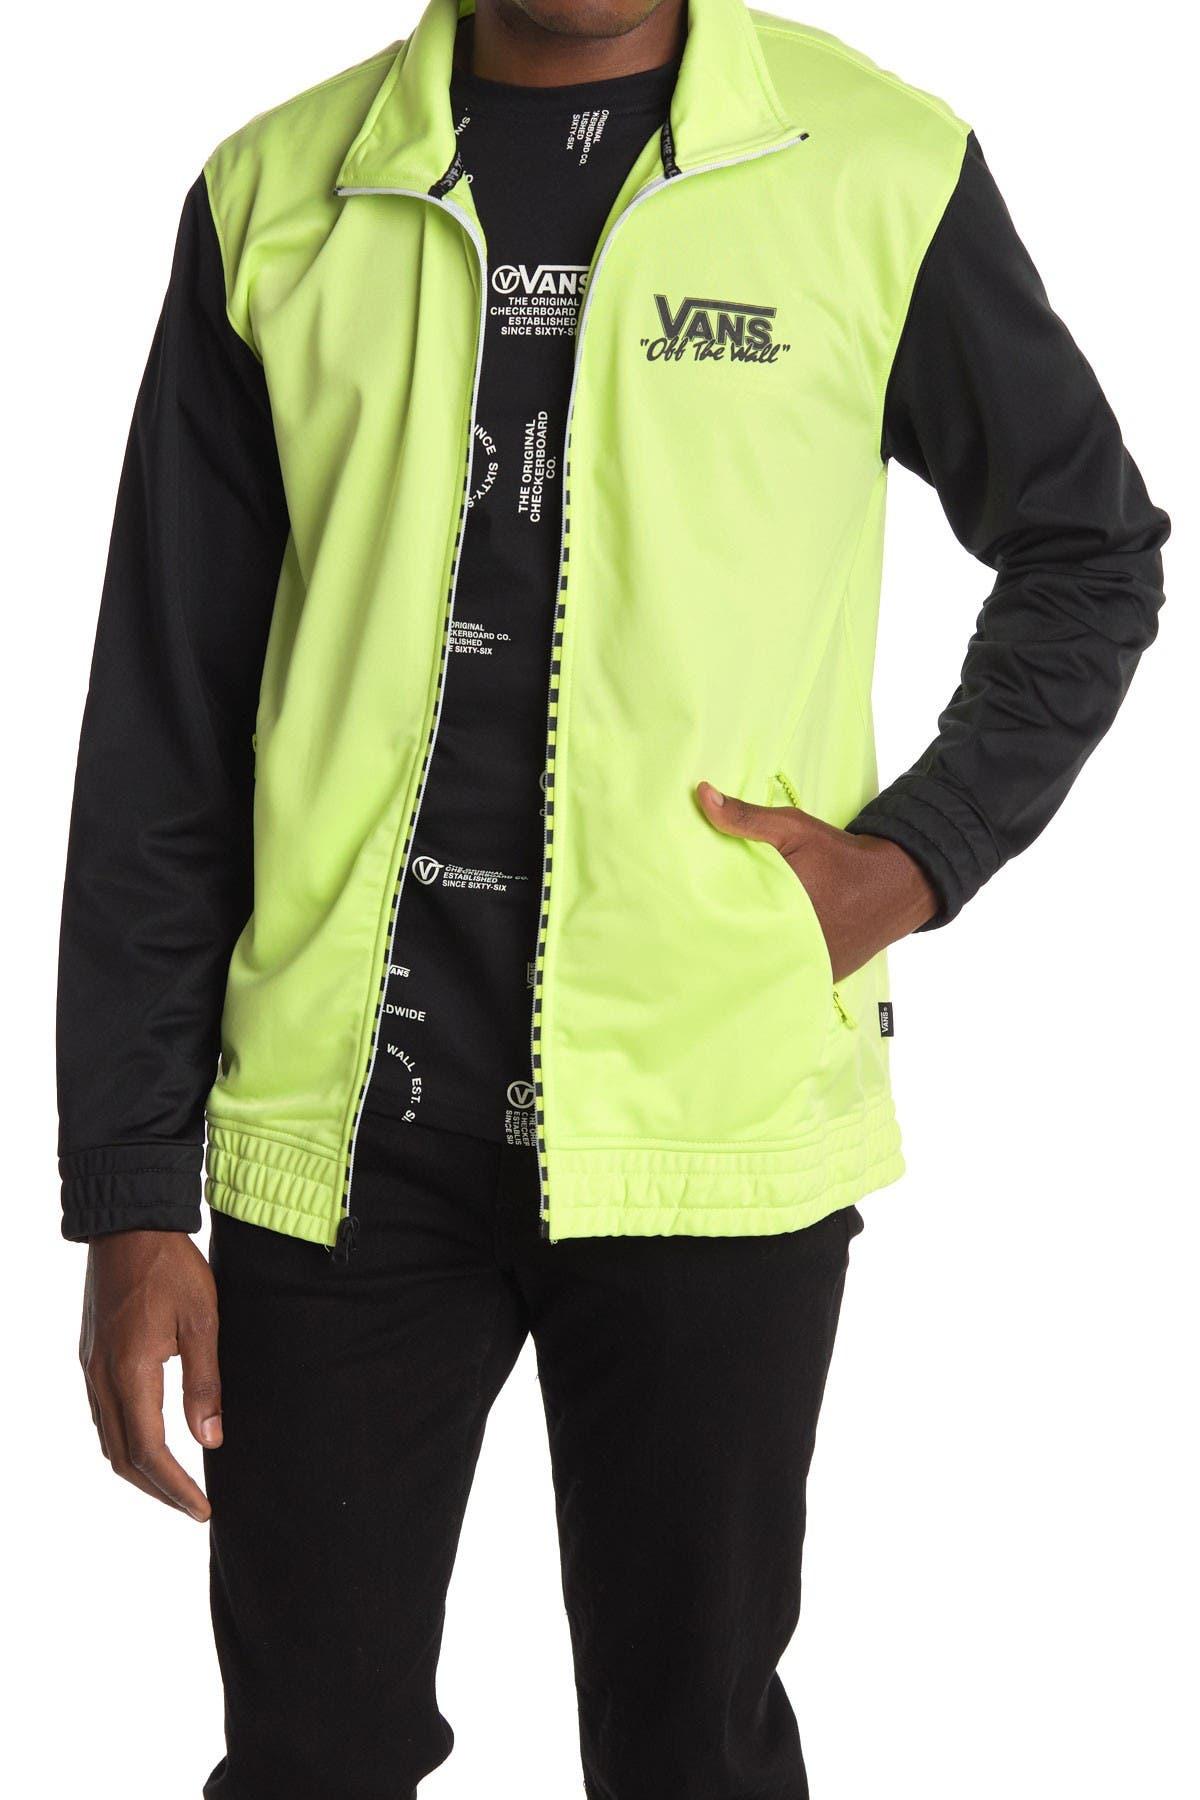 Image of VANS Winner's Circle Track Jacket